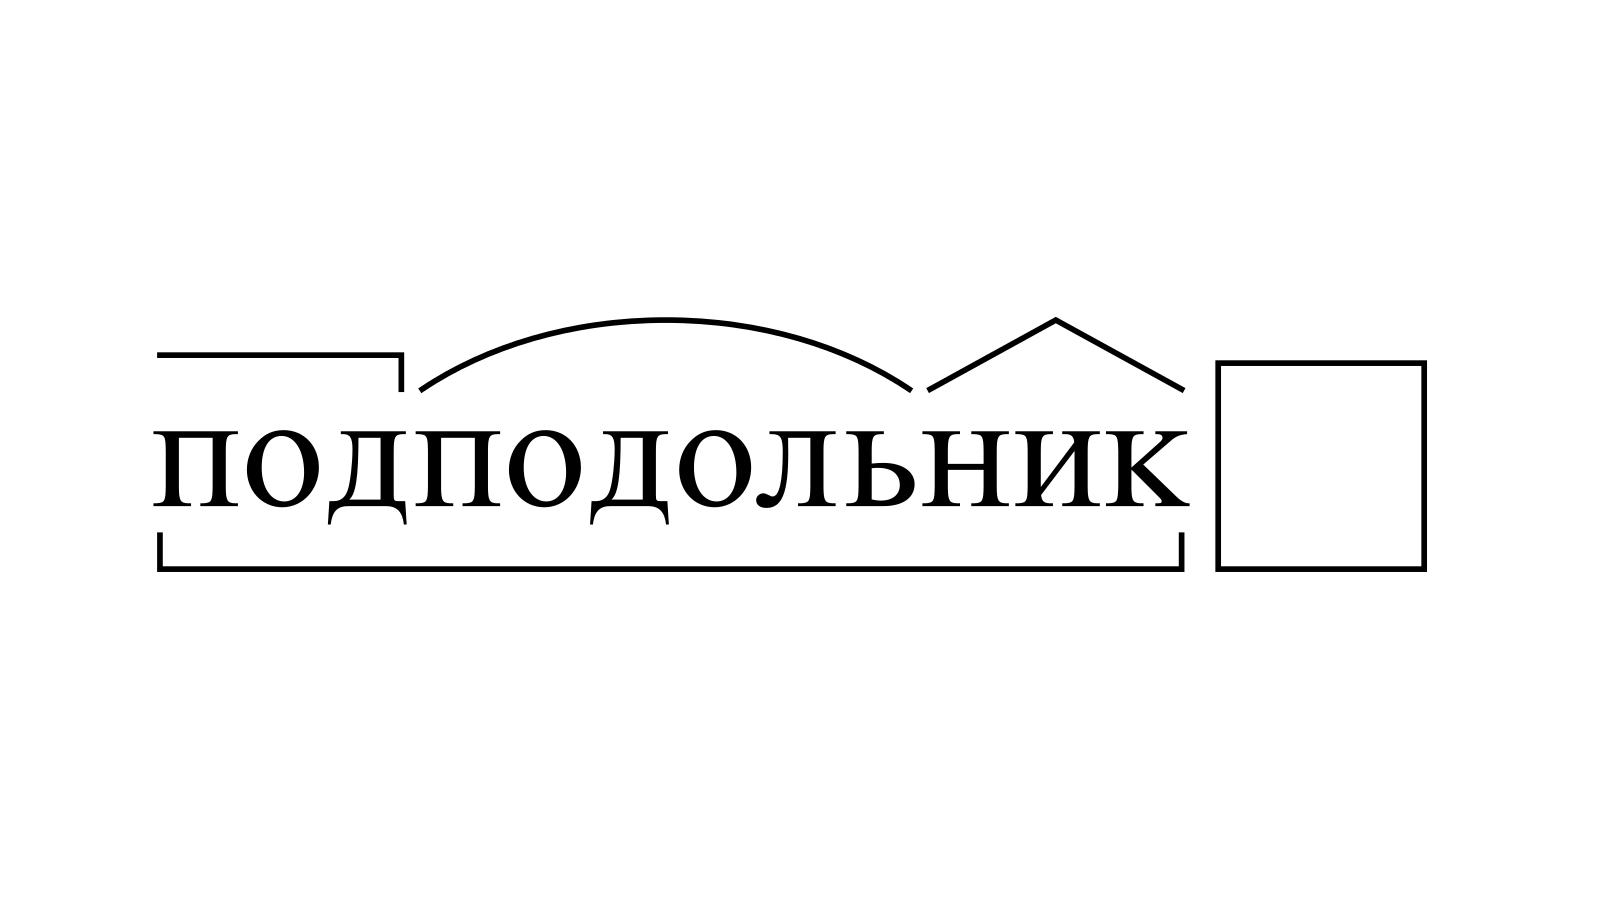 Разбор слова «подподольник» по составу